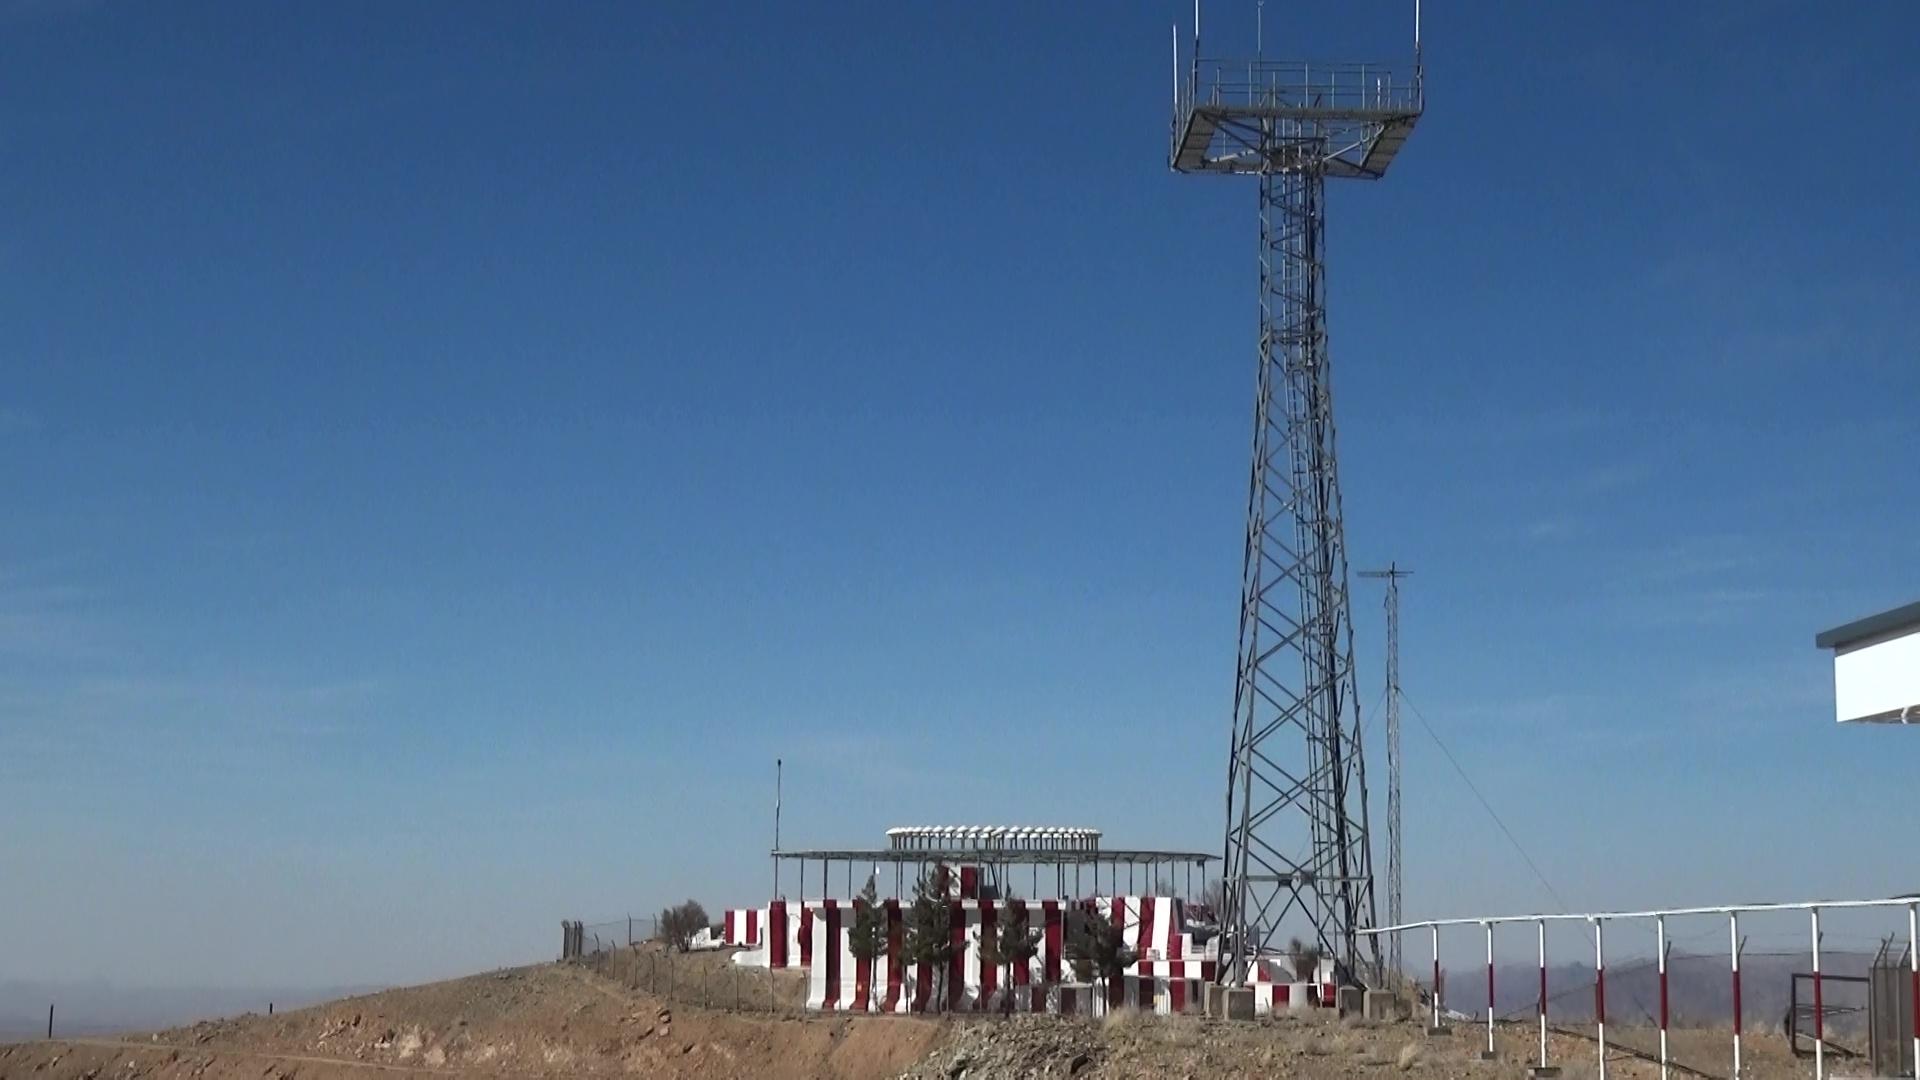 بهره برداری از ایستگاه ارتباطی ناوبری در منطقه تقی قنبر بیرجند